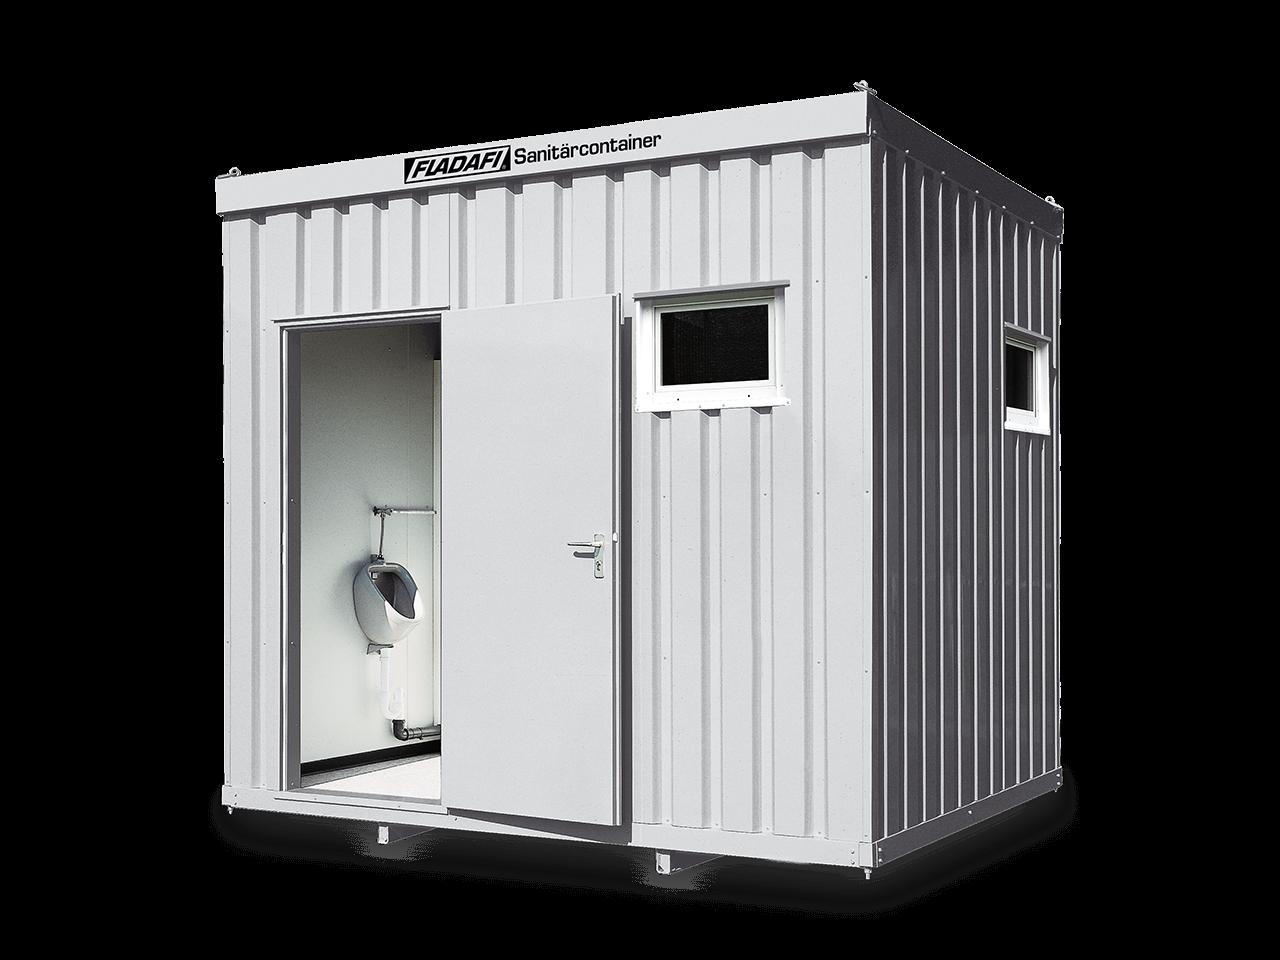 3852_FLADAFI-Sanitaercontainer-3M-3852_WC3M3852_RGB_0014_ft_sn_sl.png